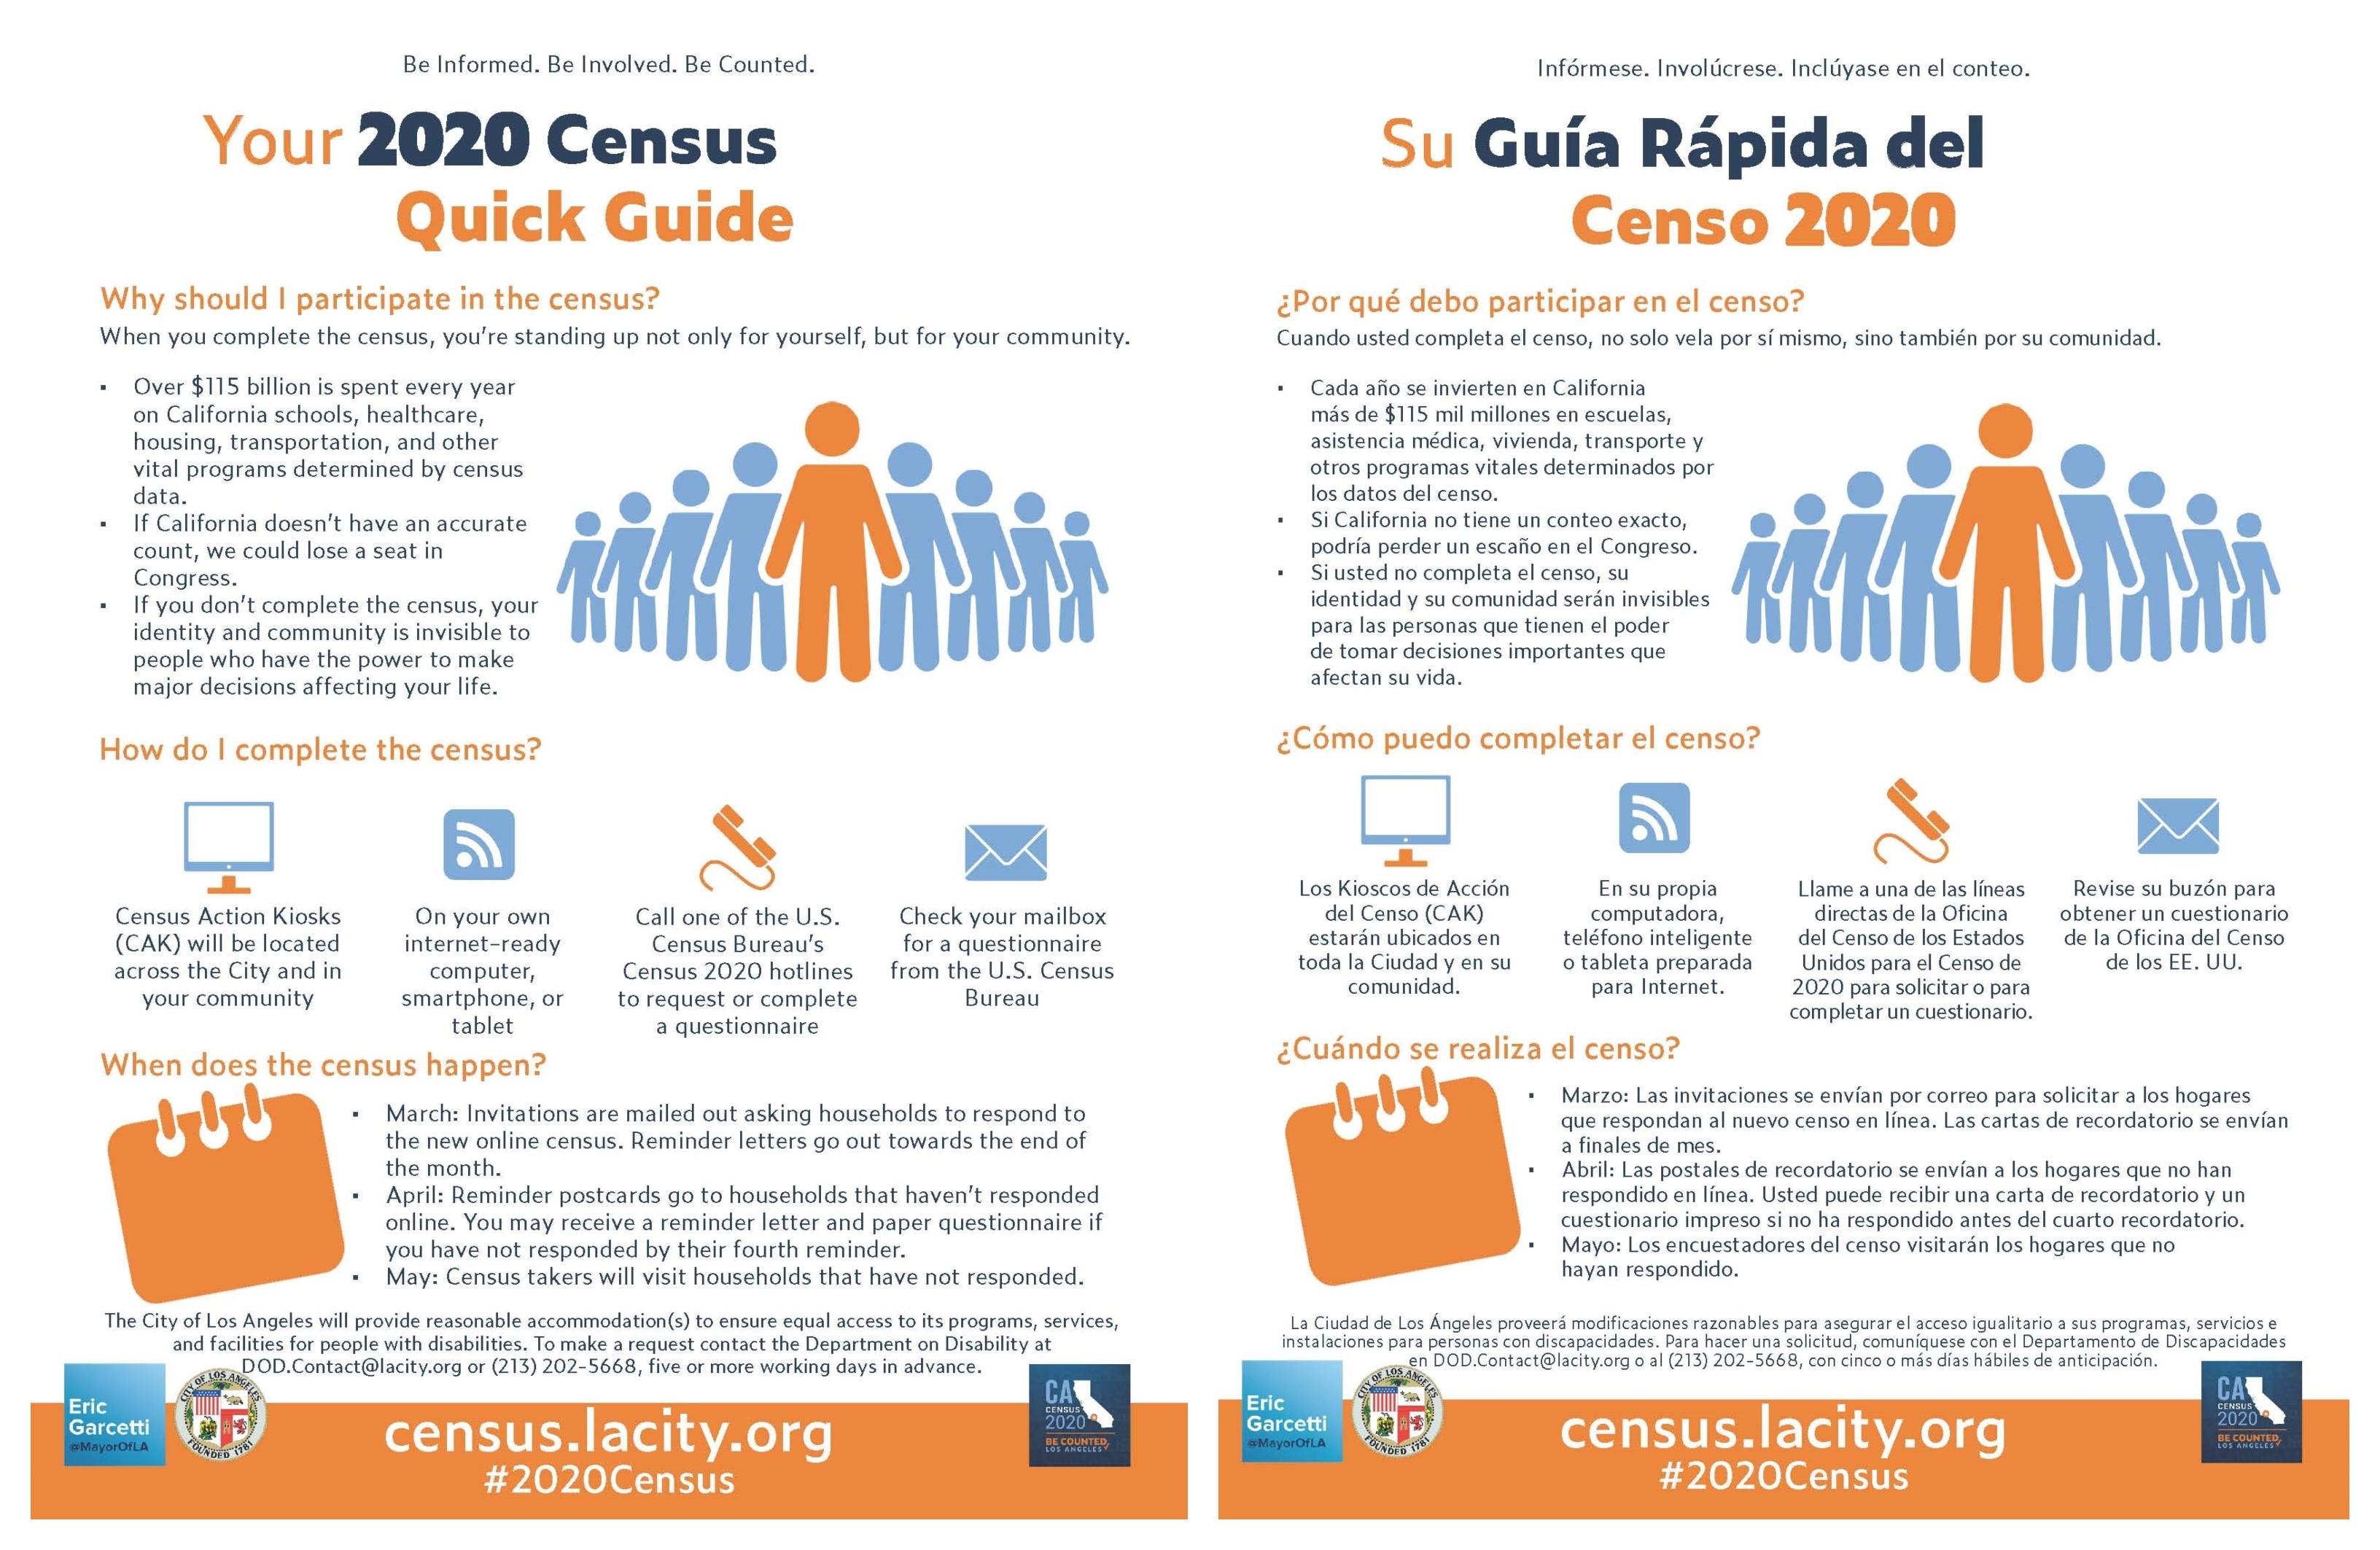 2020 Census Quick Guide